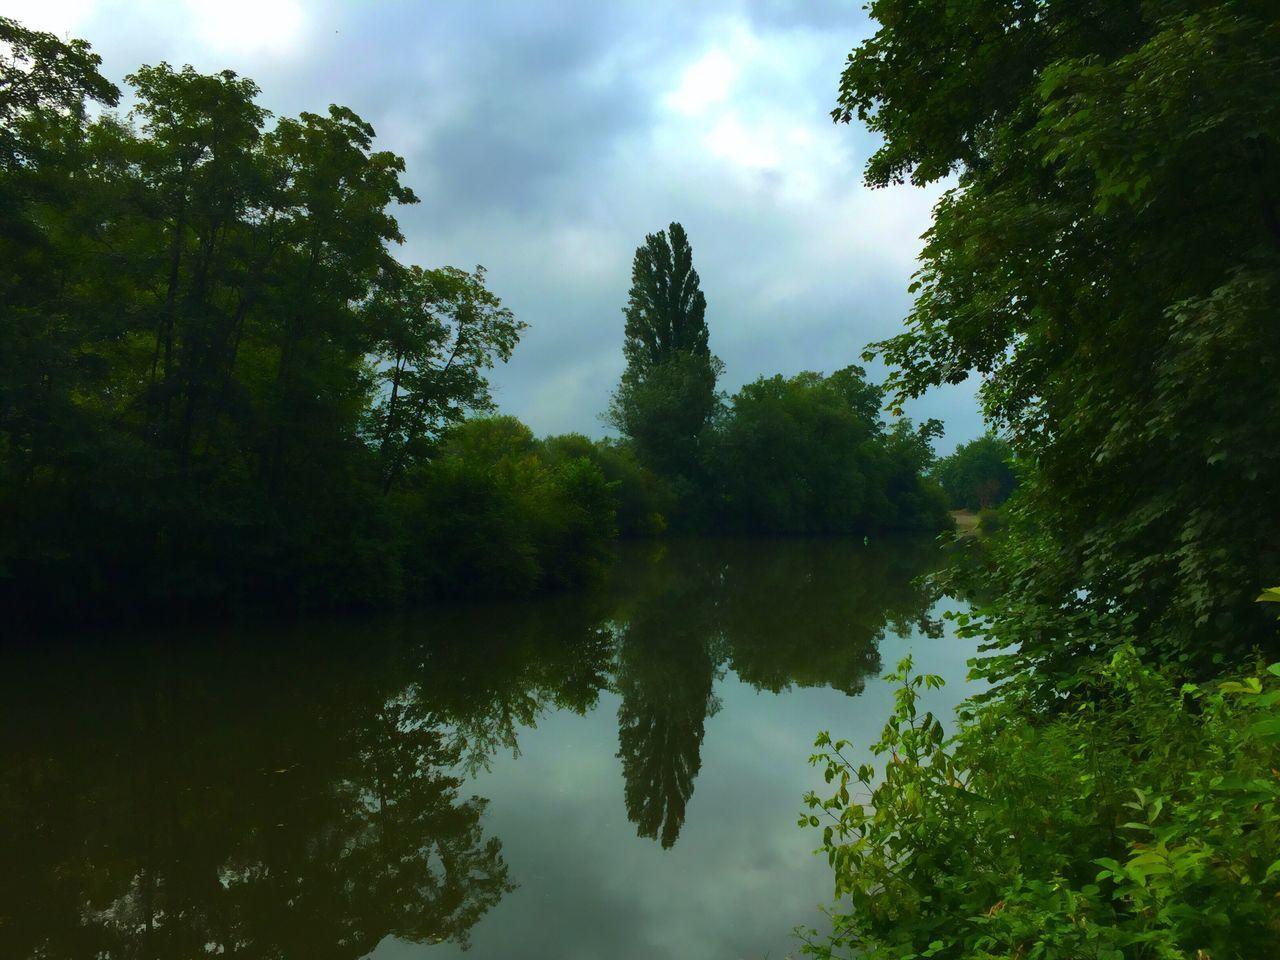 Nature Sur Le Chemin En Balade Sur Les Chemins Au Bord De L'eau